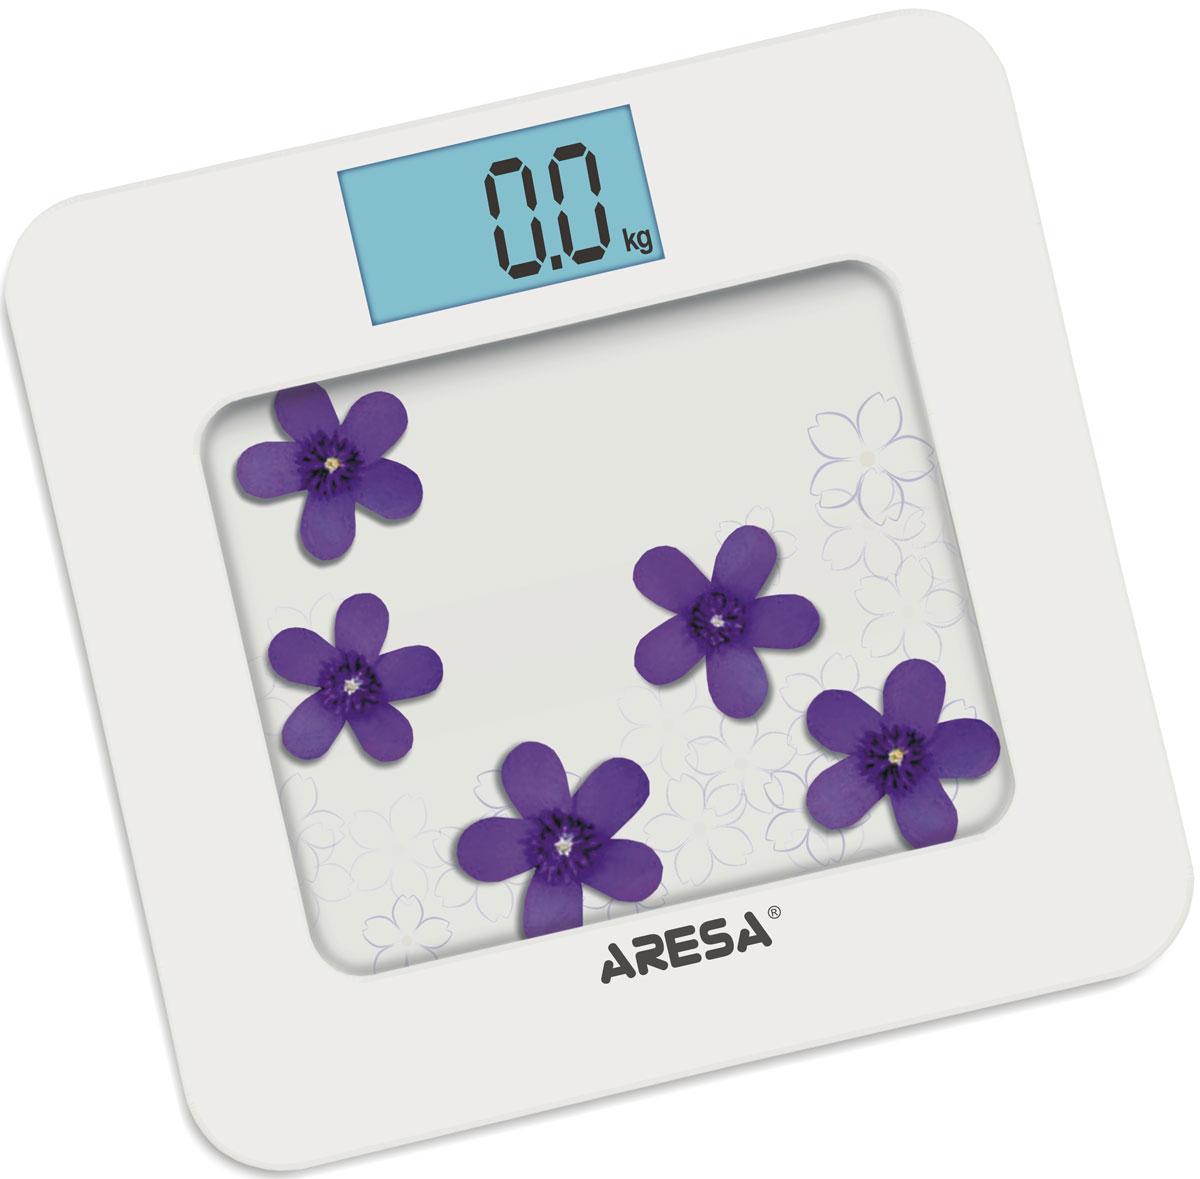 Aresa SB-309 напольные весыSB-309Напольные электронные весы Aresa SB-309 - неотъемлемый атрибут здорового образа жизни. Они необходимы тем, кто следит за своим здоровьем, весом, ведет активный образ жизни, занимается спортом и фитнесом. Очень удобны для будущих мам, постоянно контролирующих прибавку в весе, также рекомендуются родителям, внимательно следящим за весом своих детей.Минимальная нагрузка: 6 кг